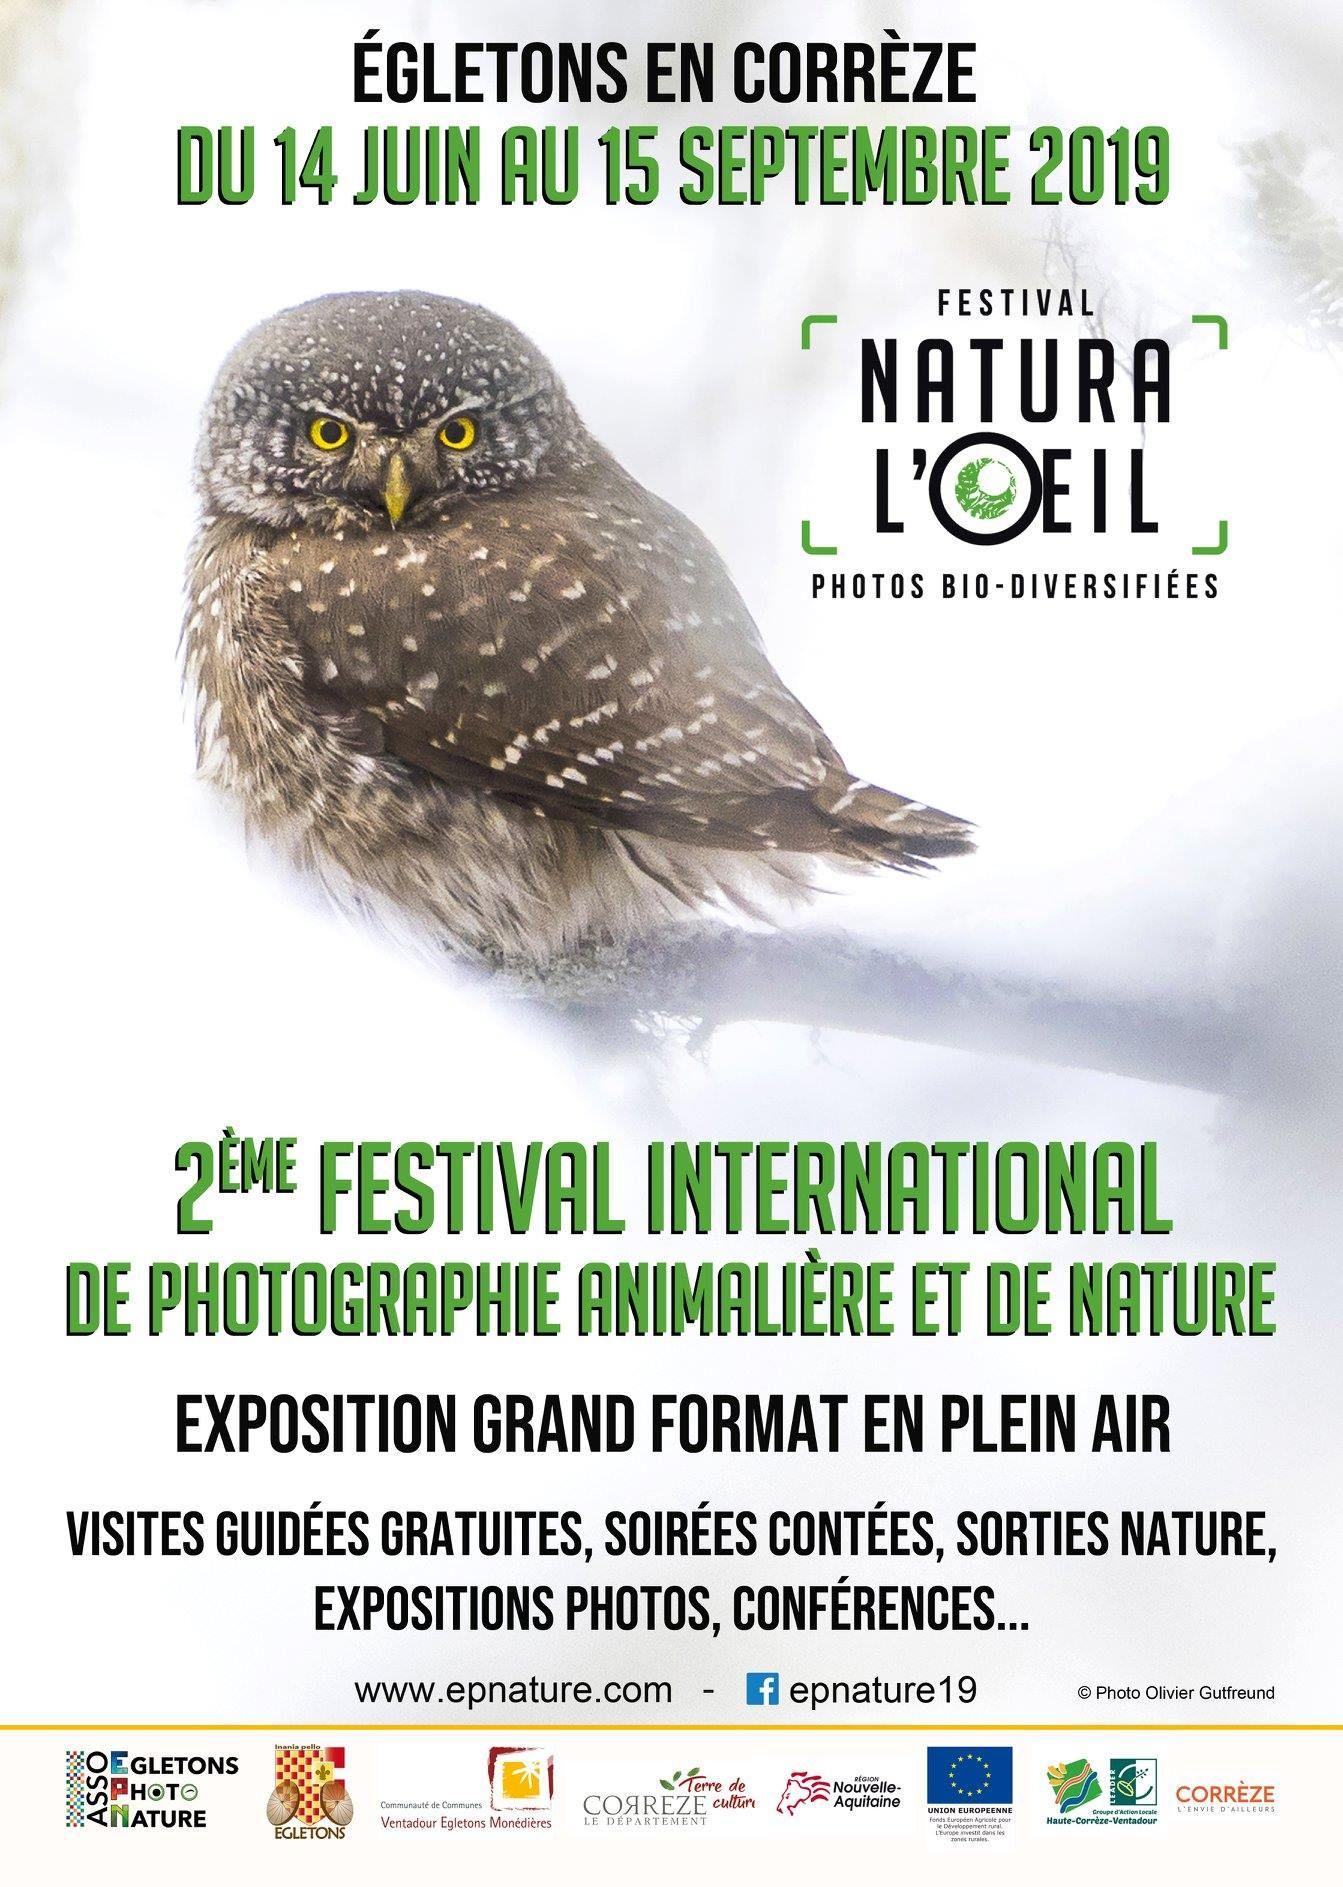 Photo news - 06-05-2019 - Festival photo nature Egletons - Bienvenue à la Vérénerie -  Chambres et table d'hôtes